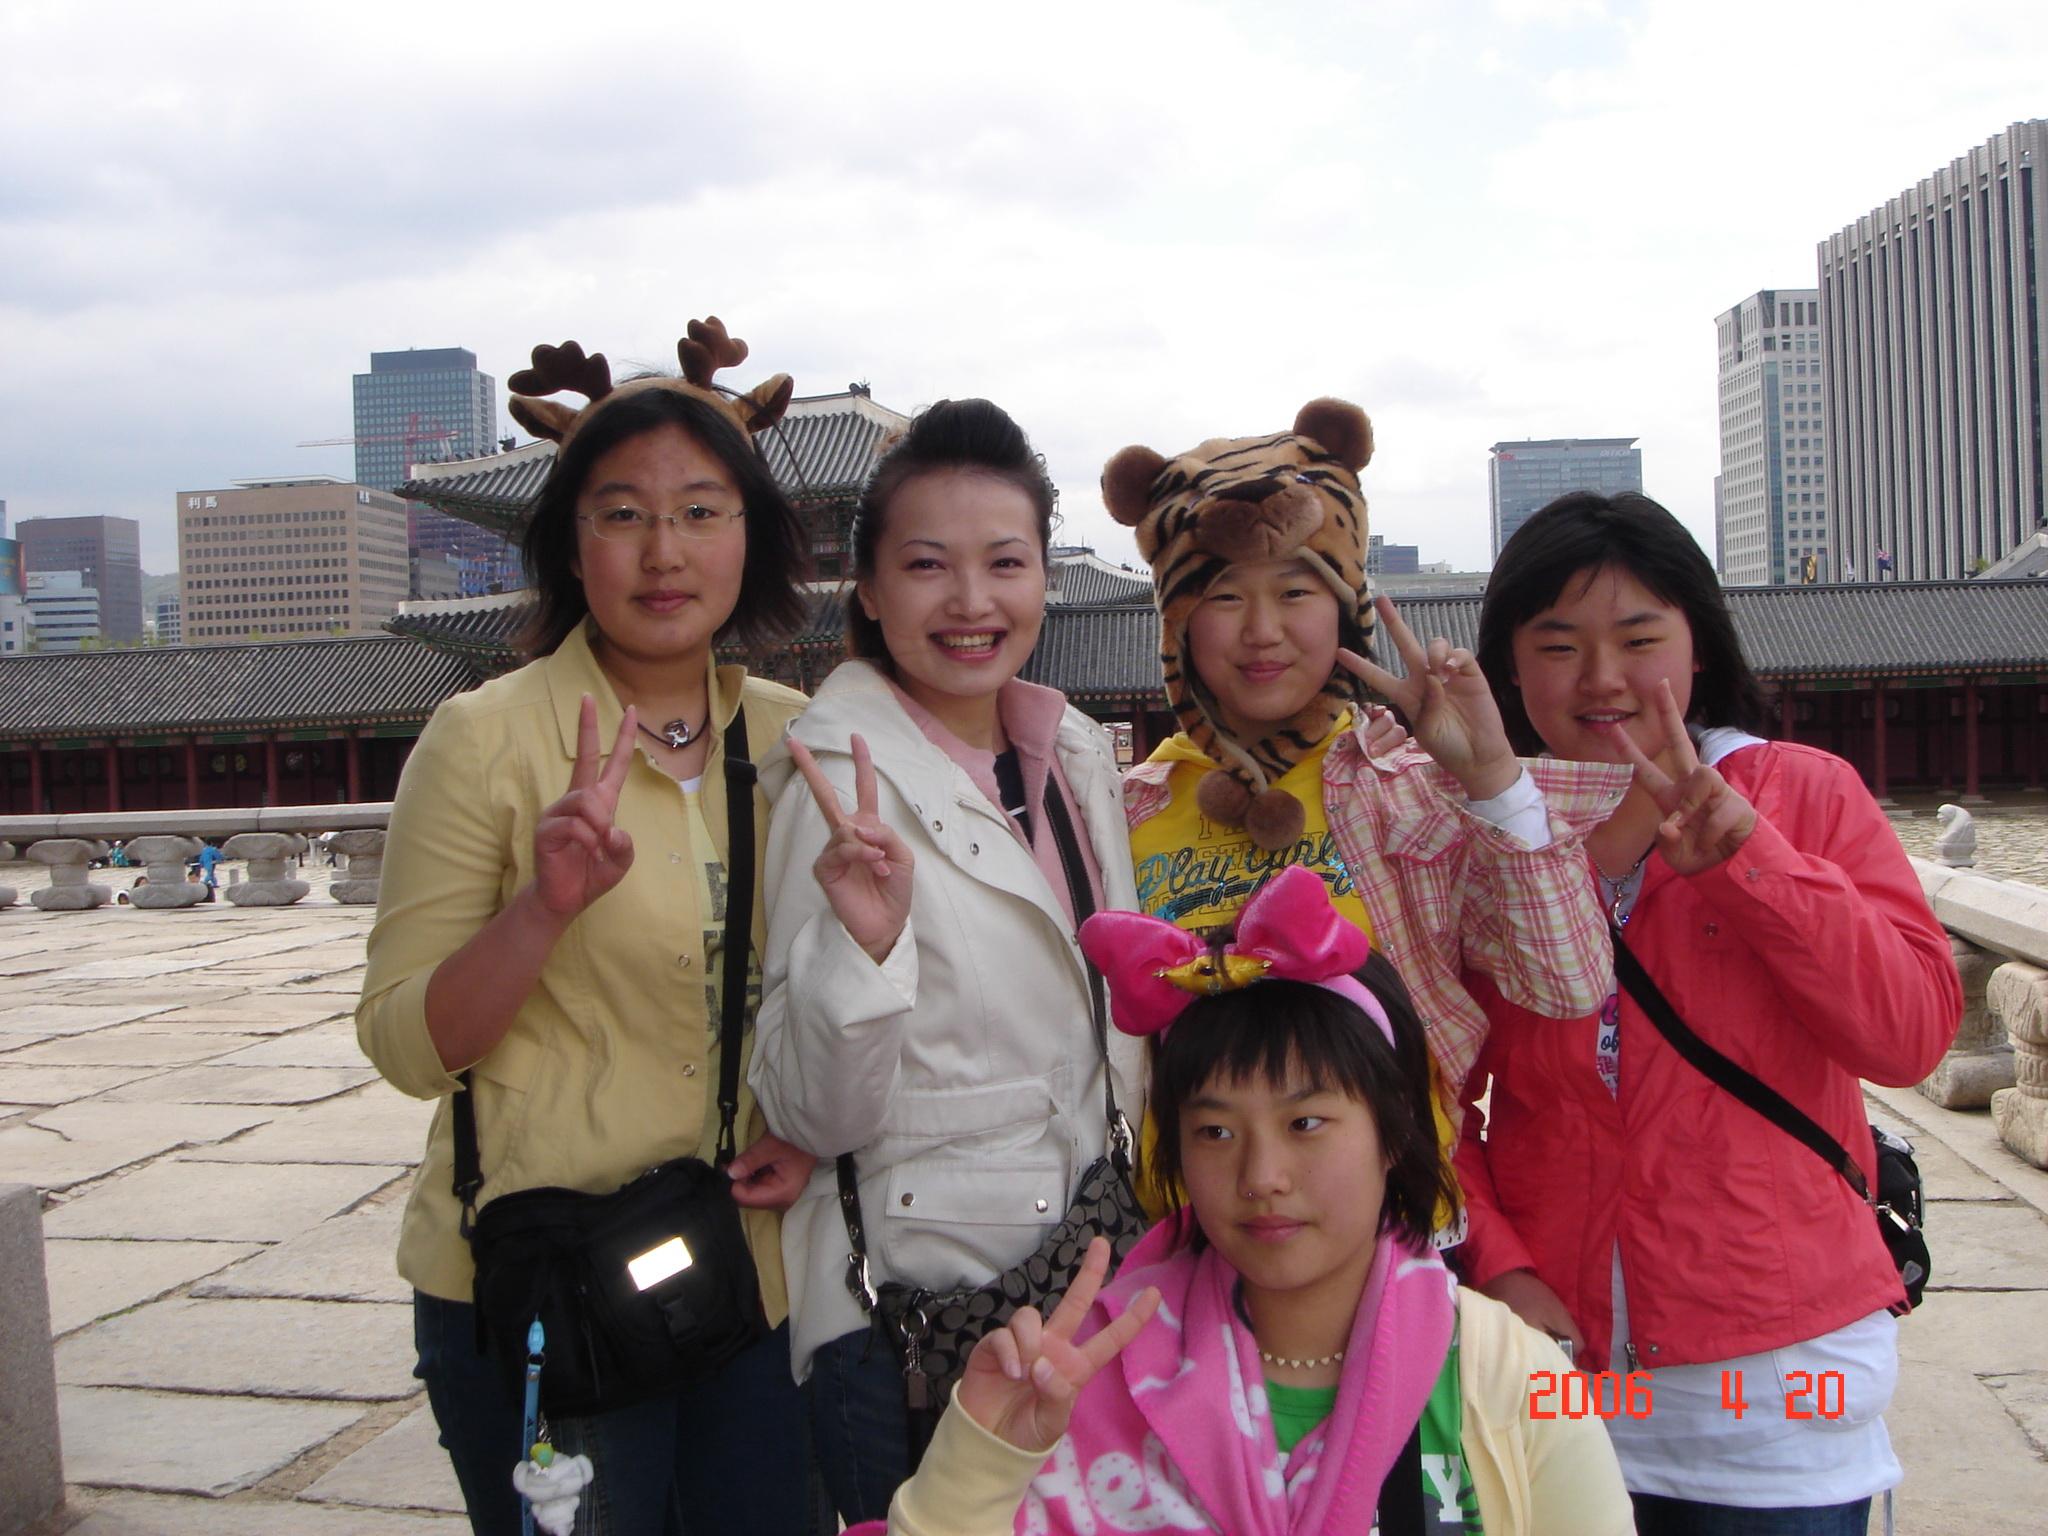 看清楚沒..韓國妹妹都是單眼皮ㄛ.jpg